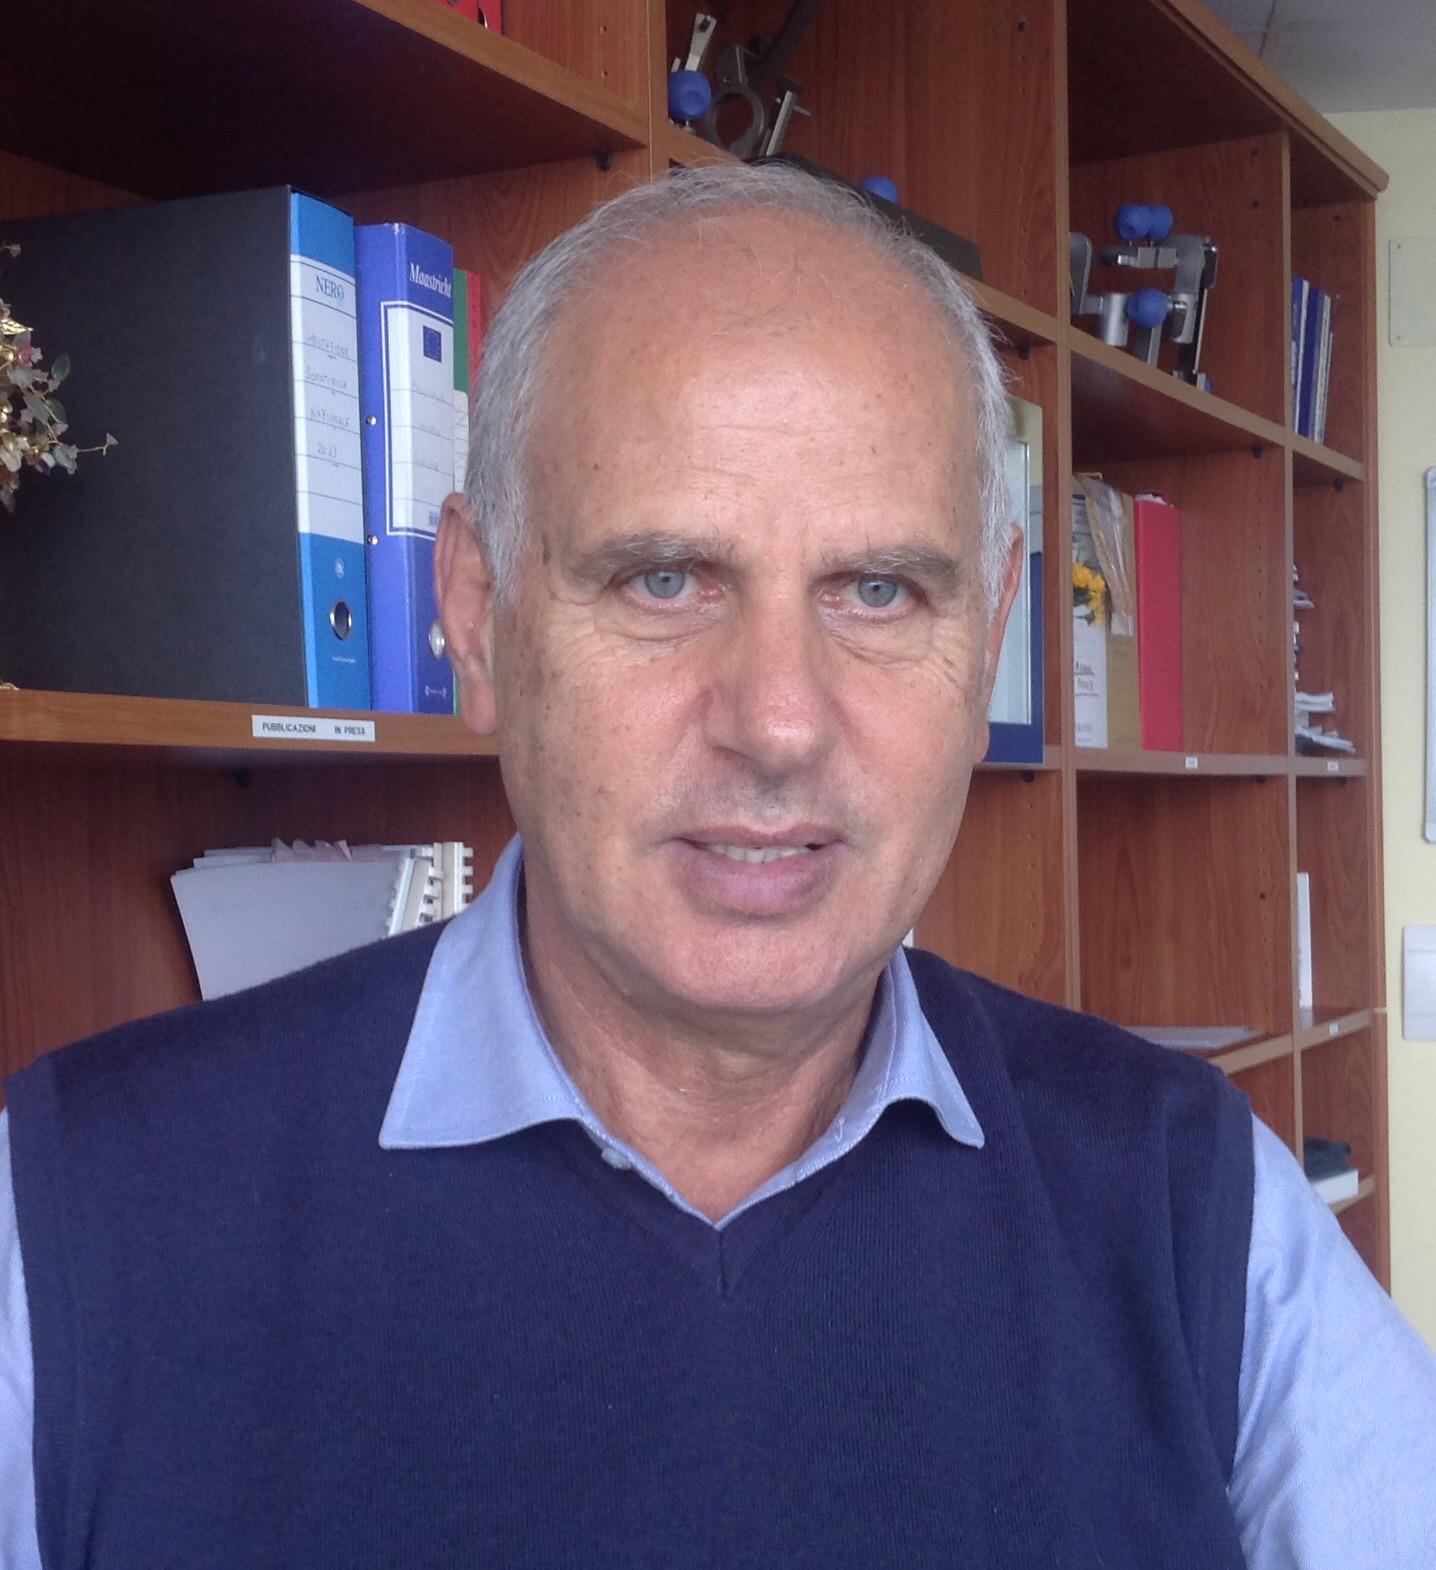 Placido Bramanti